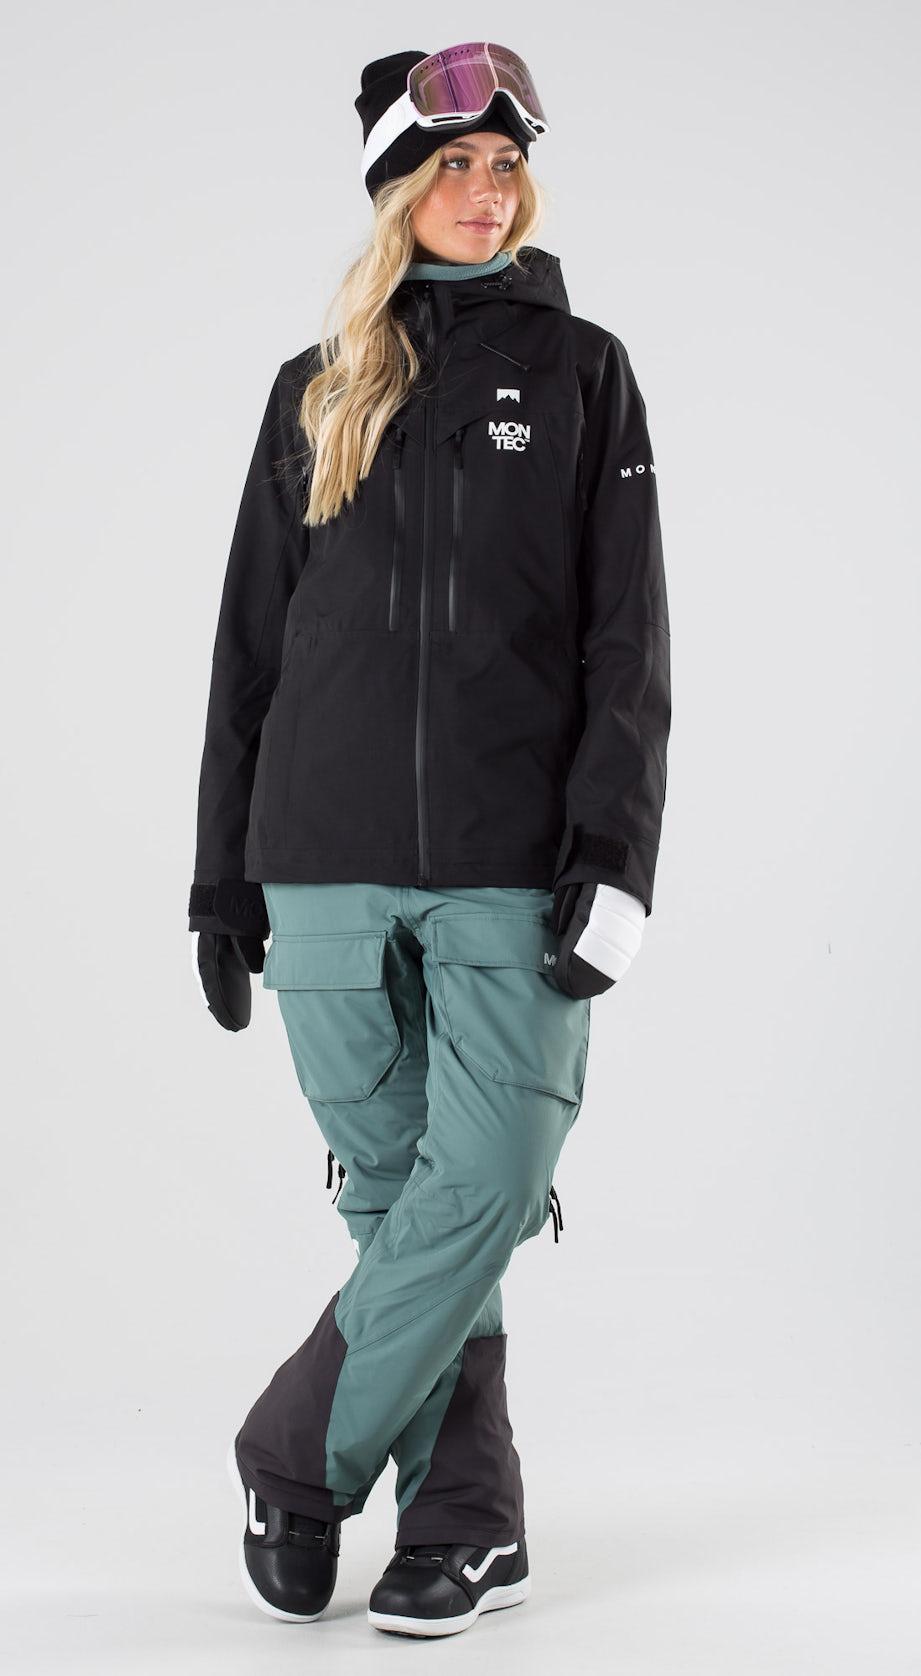 Montec Moss Black Vêtements de snowboard  Multi